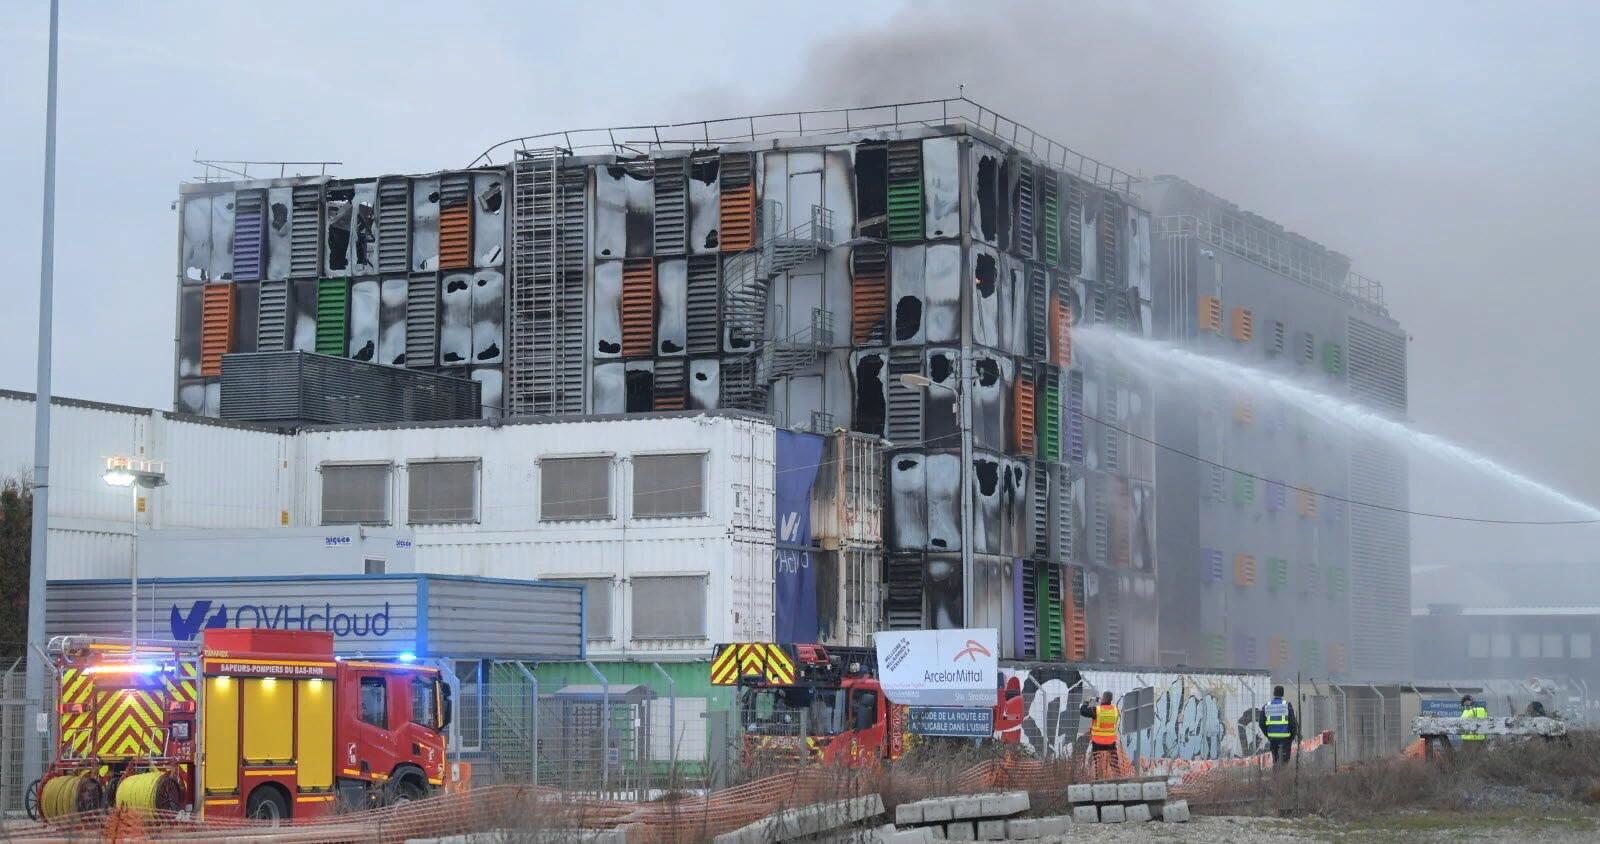 Пожар в дата-центре OVHcloud в Страсбурге. 10 марта 2021